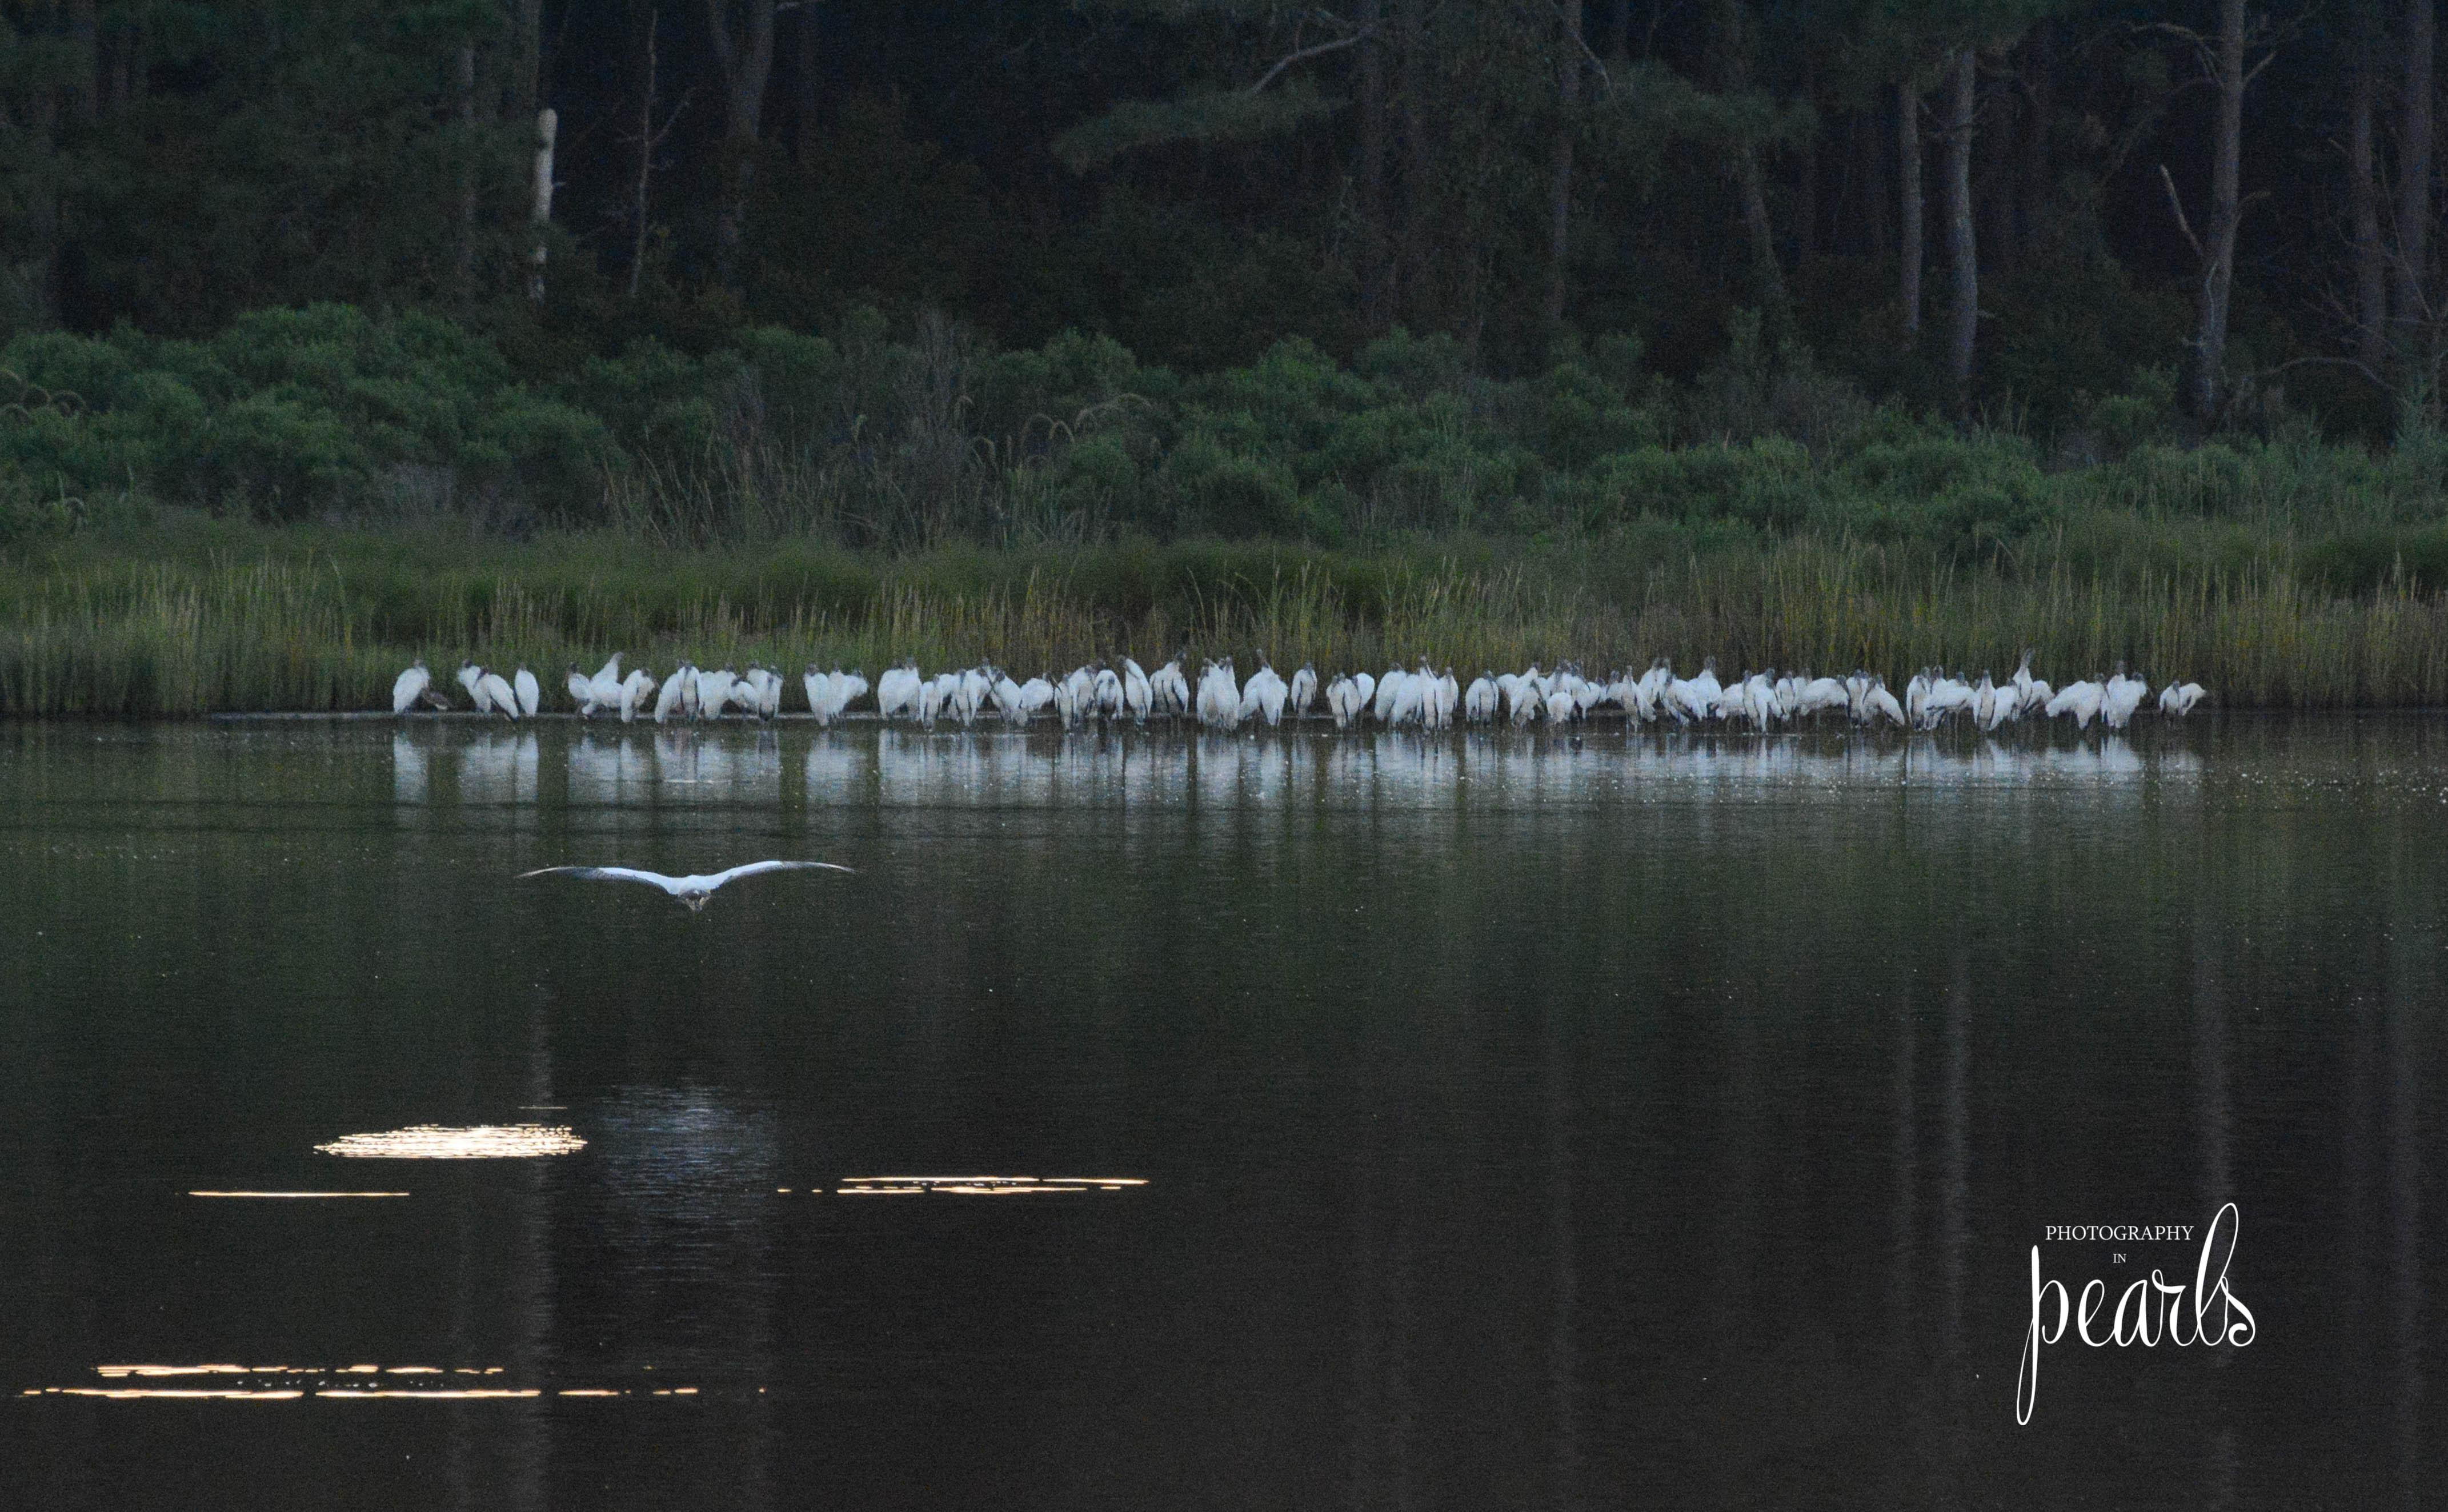 Wood Stork Congregation